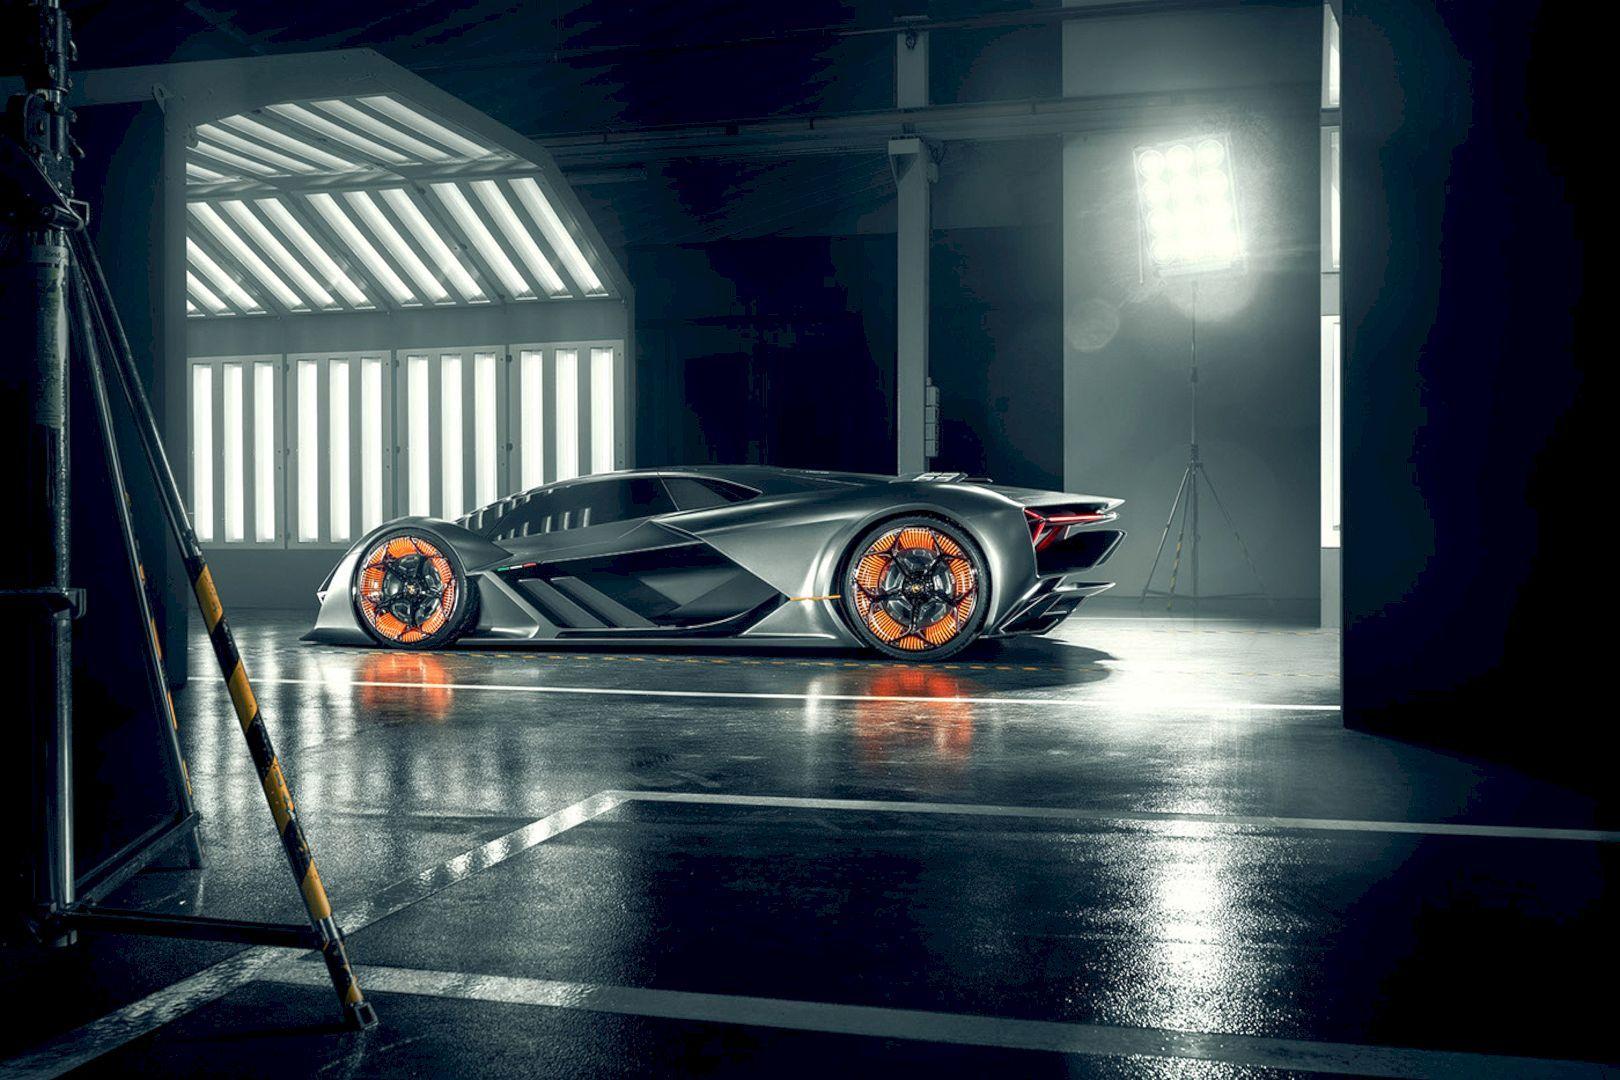 Lamborghini Terzo Millennio The Super Extreme Box By Lamborghini Sports Car Sports Cars Lamborghini Unique Cars